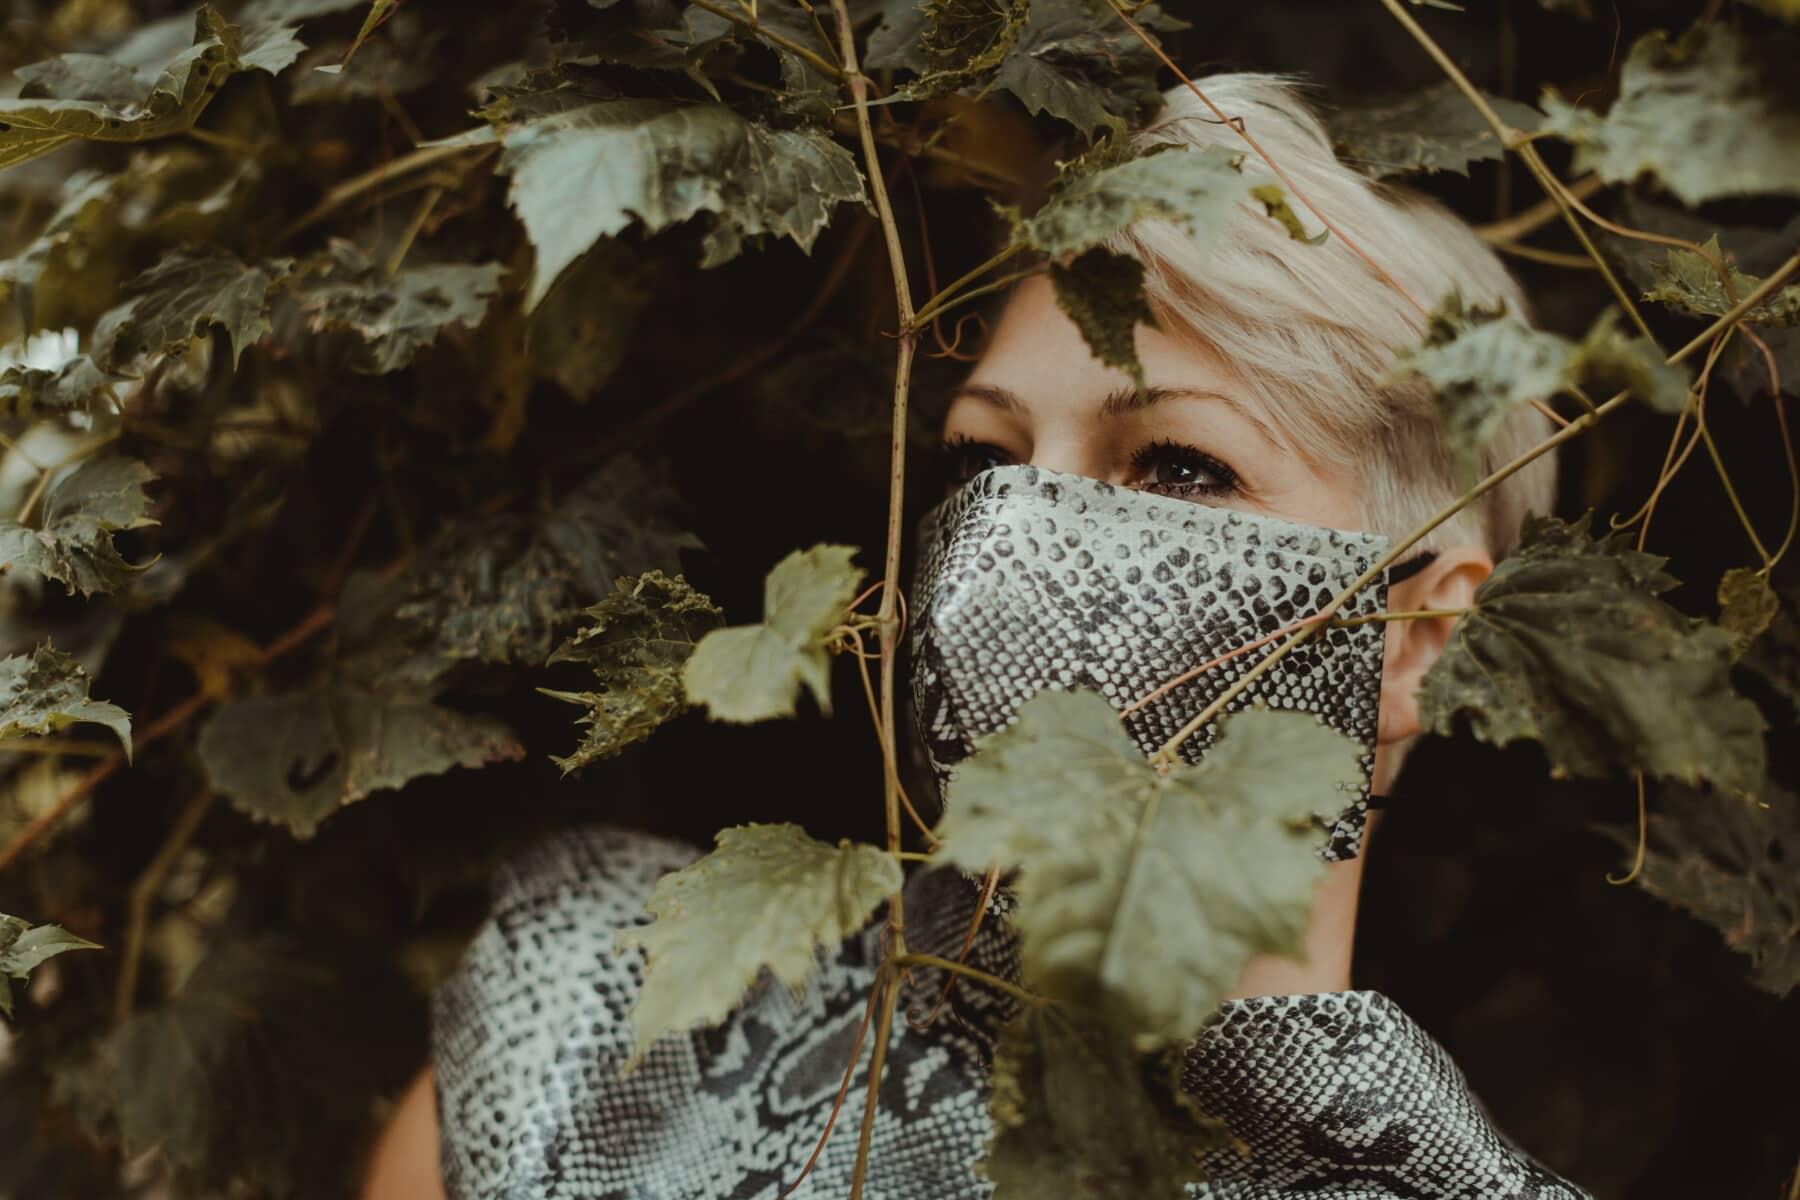 porträtt, lady, ansikte, ansiktsmask, glamour, mode, design, blont hår, kamouflage, blad